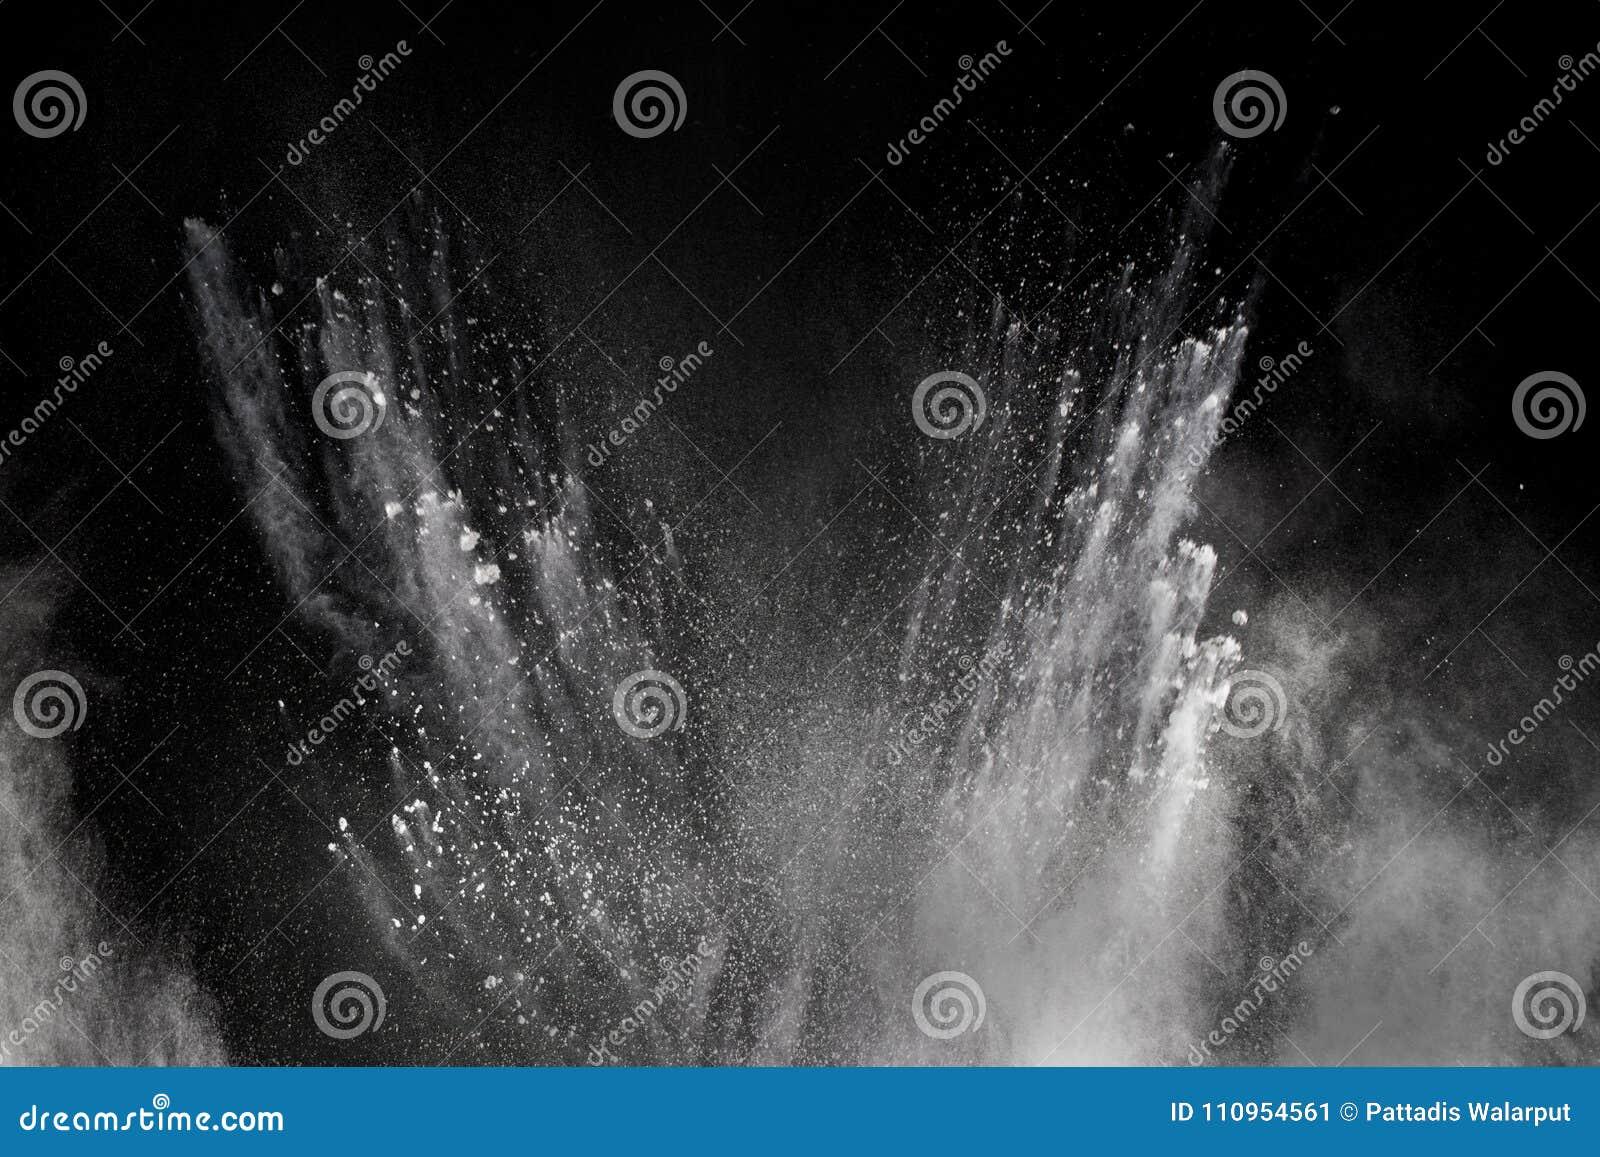 Congele la explosión del movimiento del polvo blanco en un fondo negro